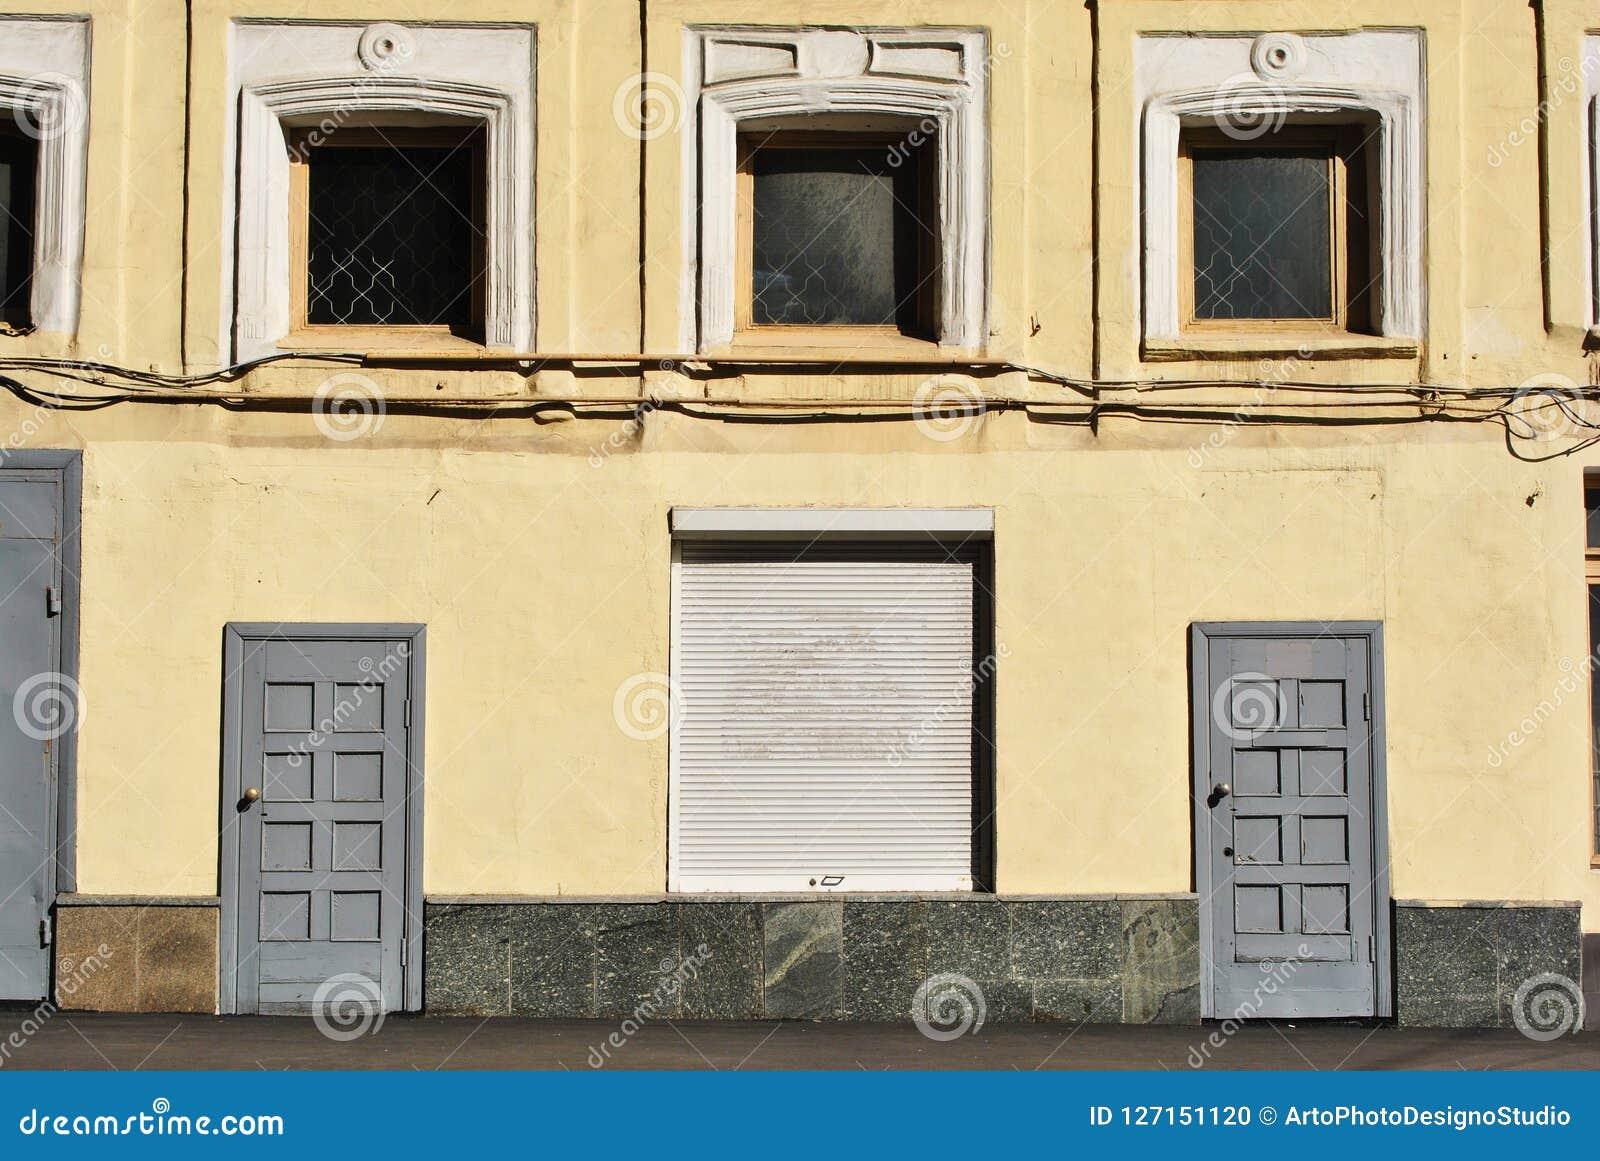 Peint dans le mur jaune du bâtiment avec les fenêtres et les portes hautes embarquées